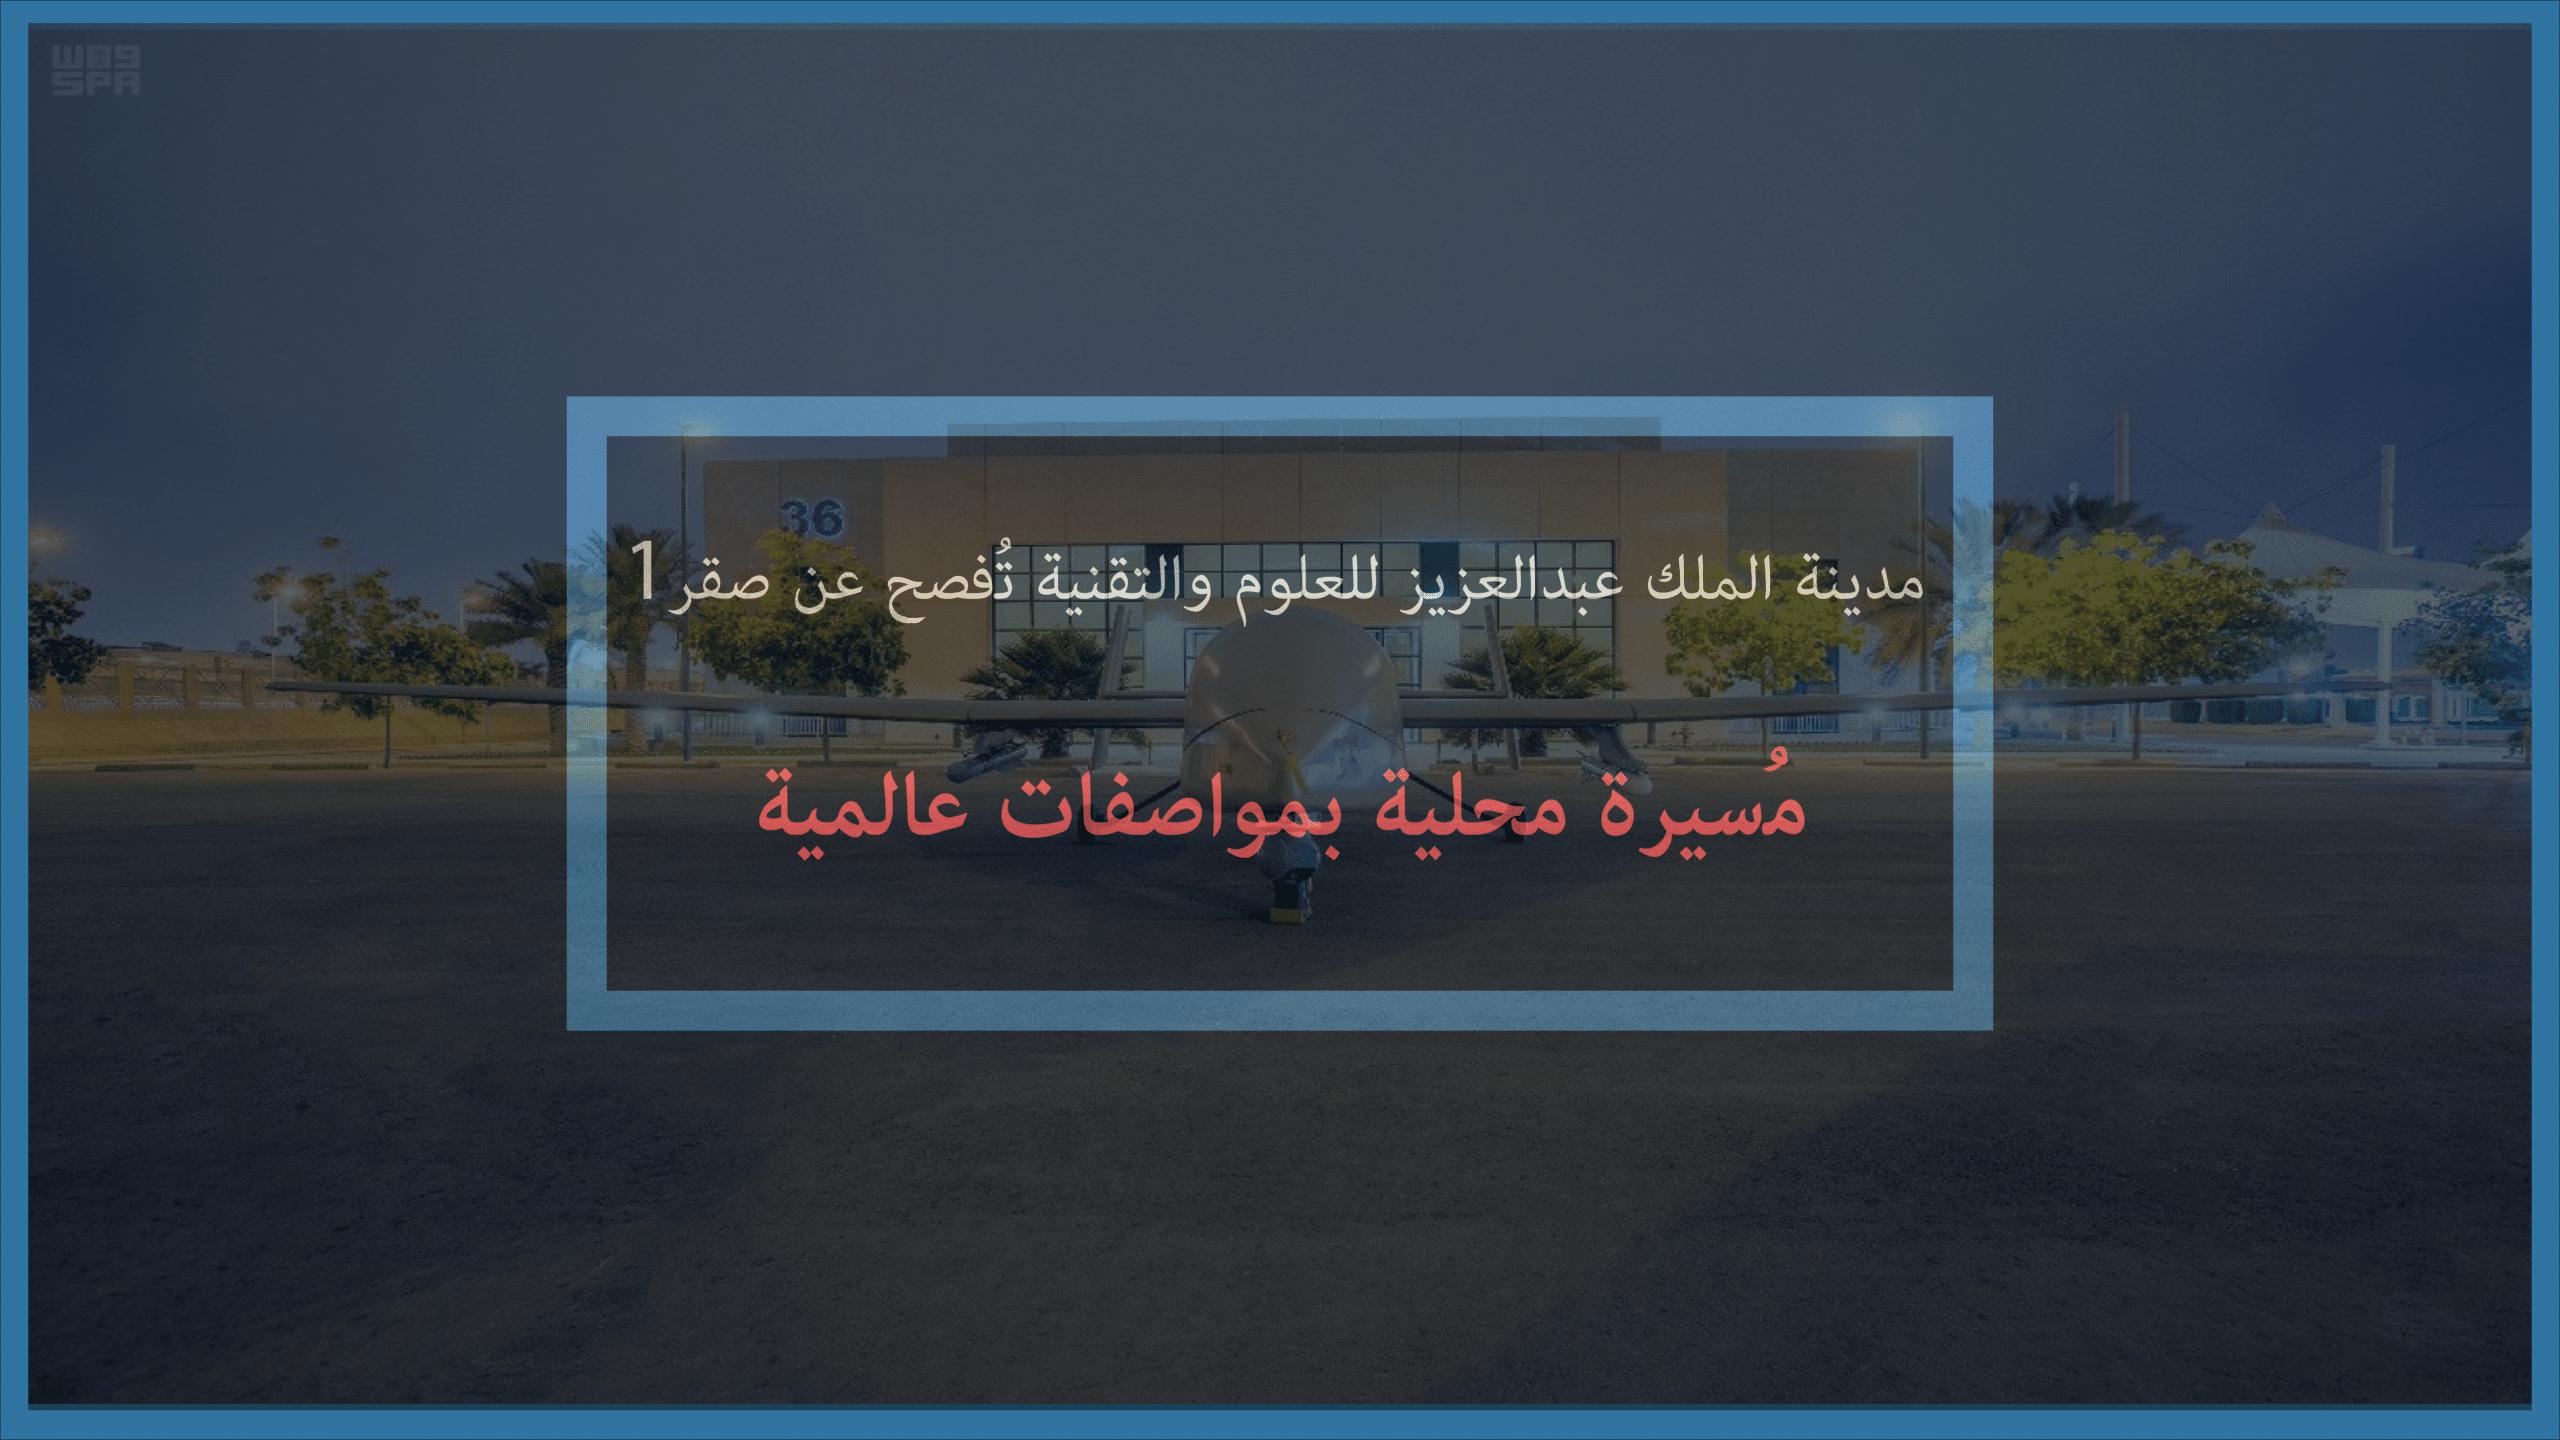 Photo of مدينة الملك عبدالعزيز للعلوم والتقنية تُفصح عن الطائرة بدون طيار (صقر1)